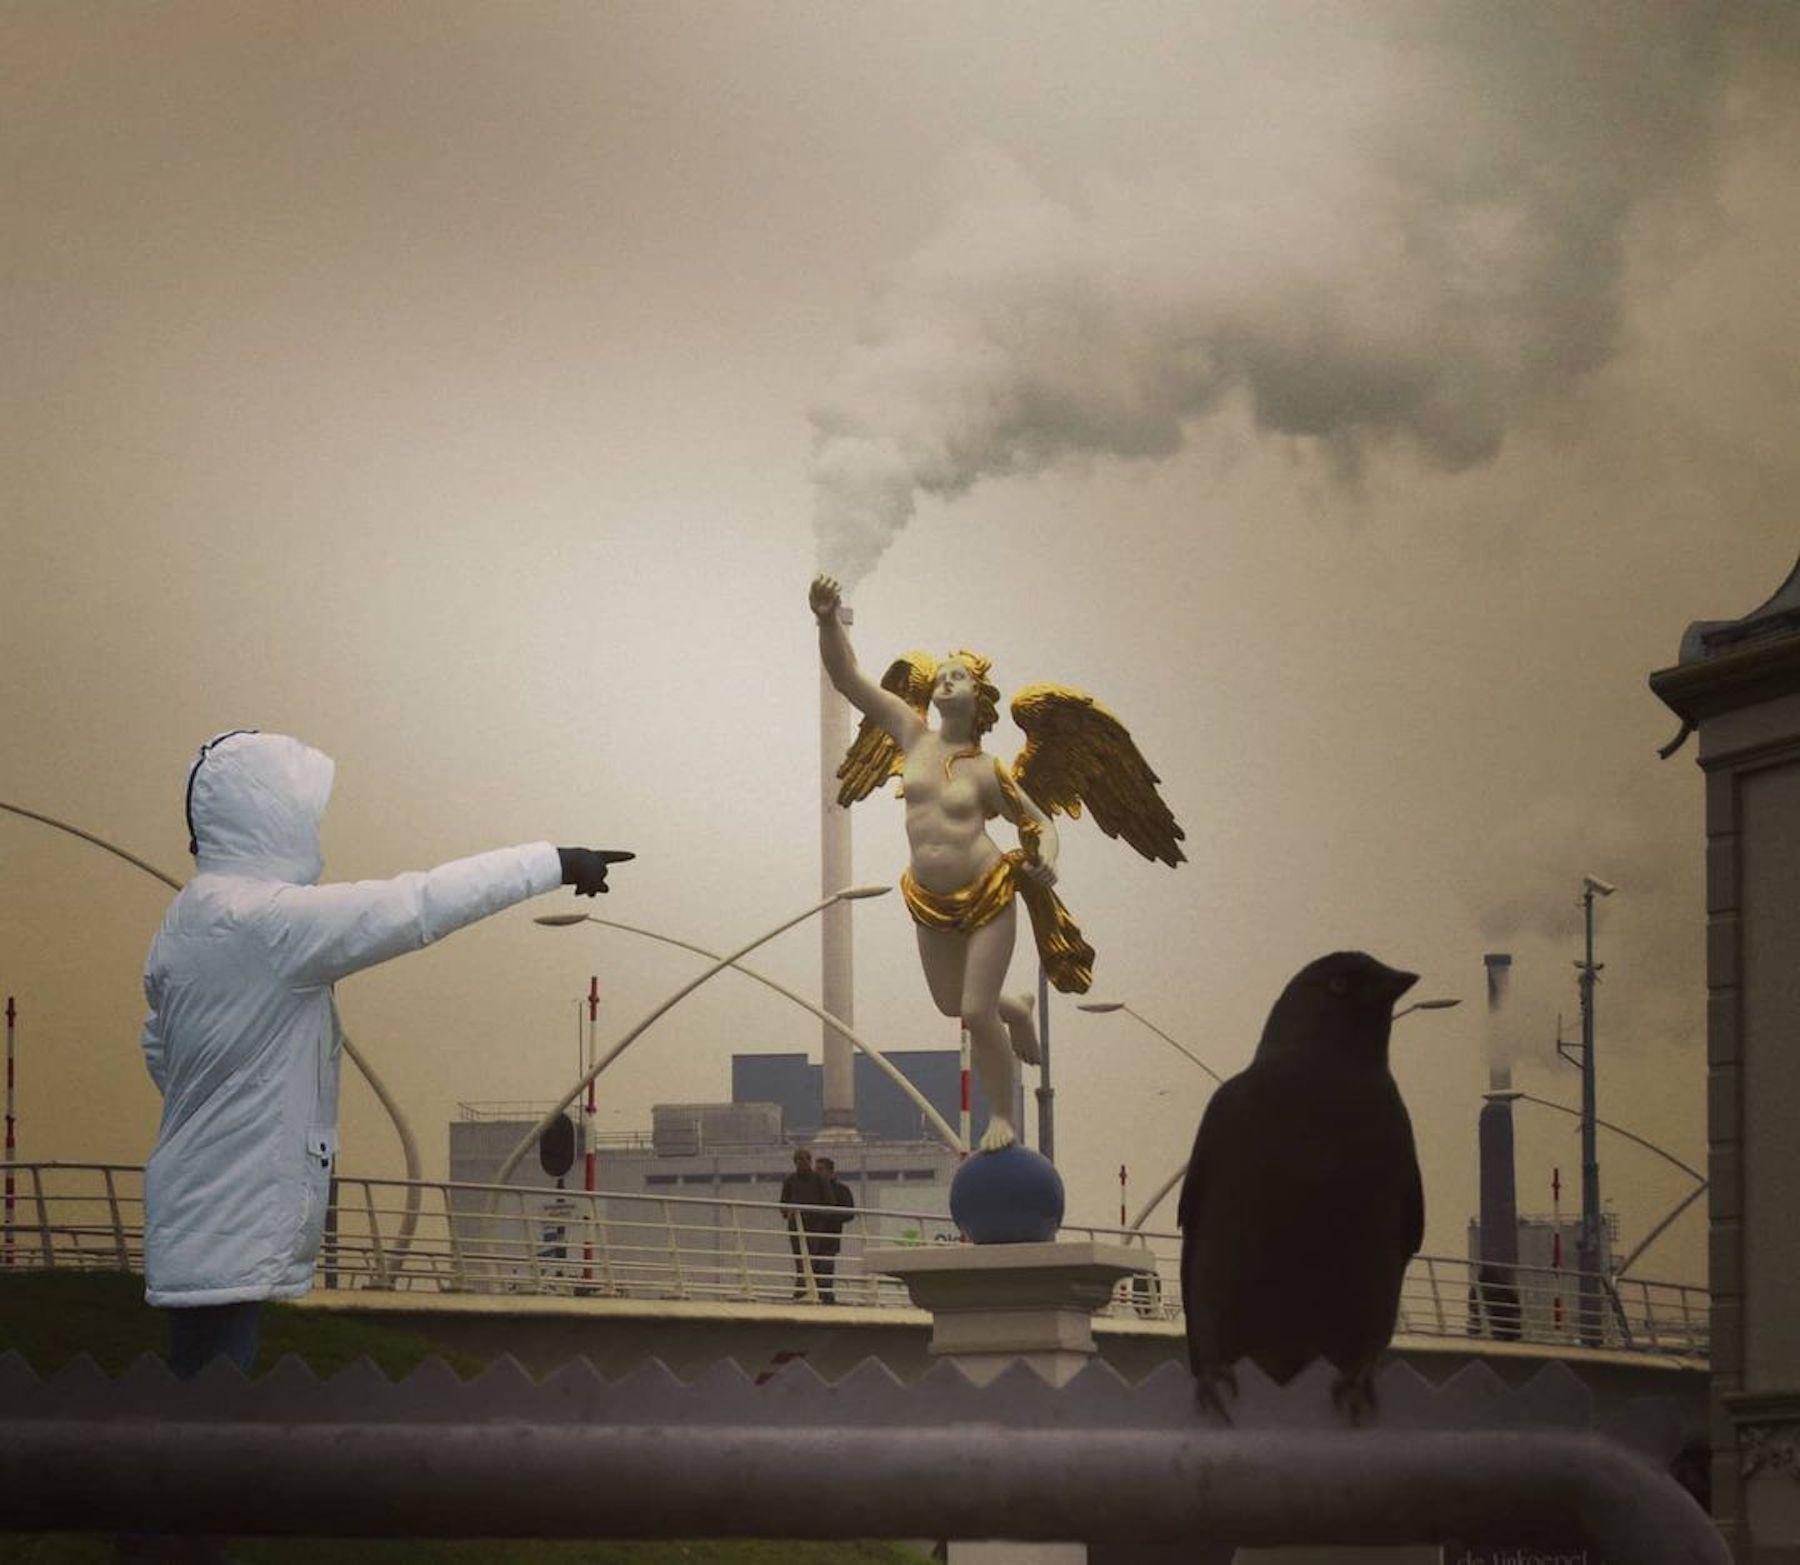 Le photographe Anthimos Ntagkas s'amuse à capturer des hasards insolites dans ses promenades du quotidien